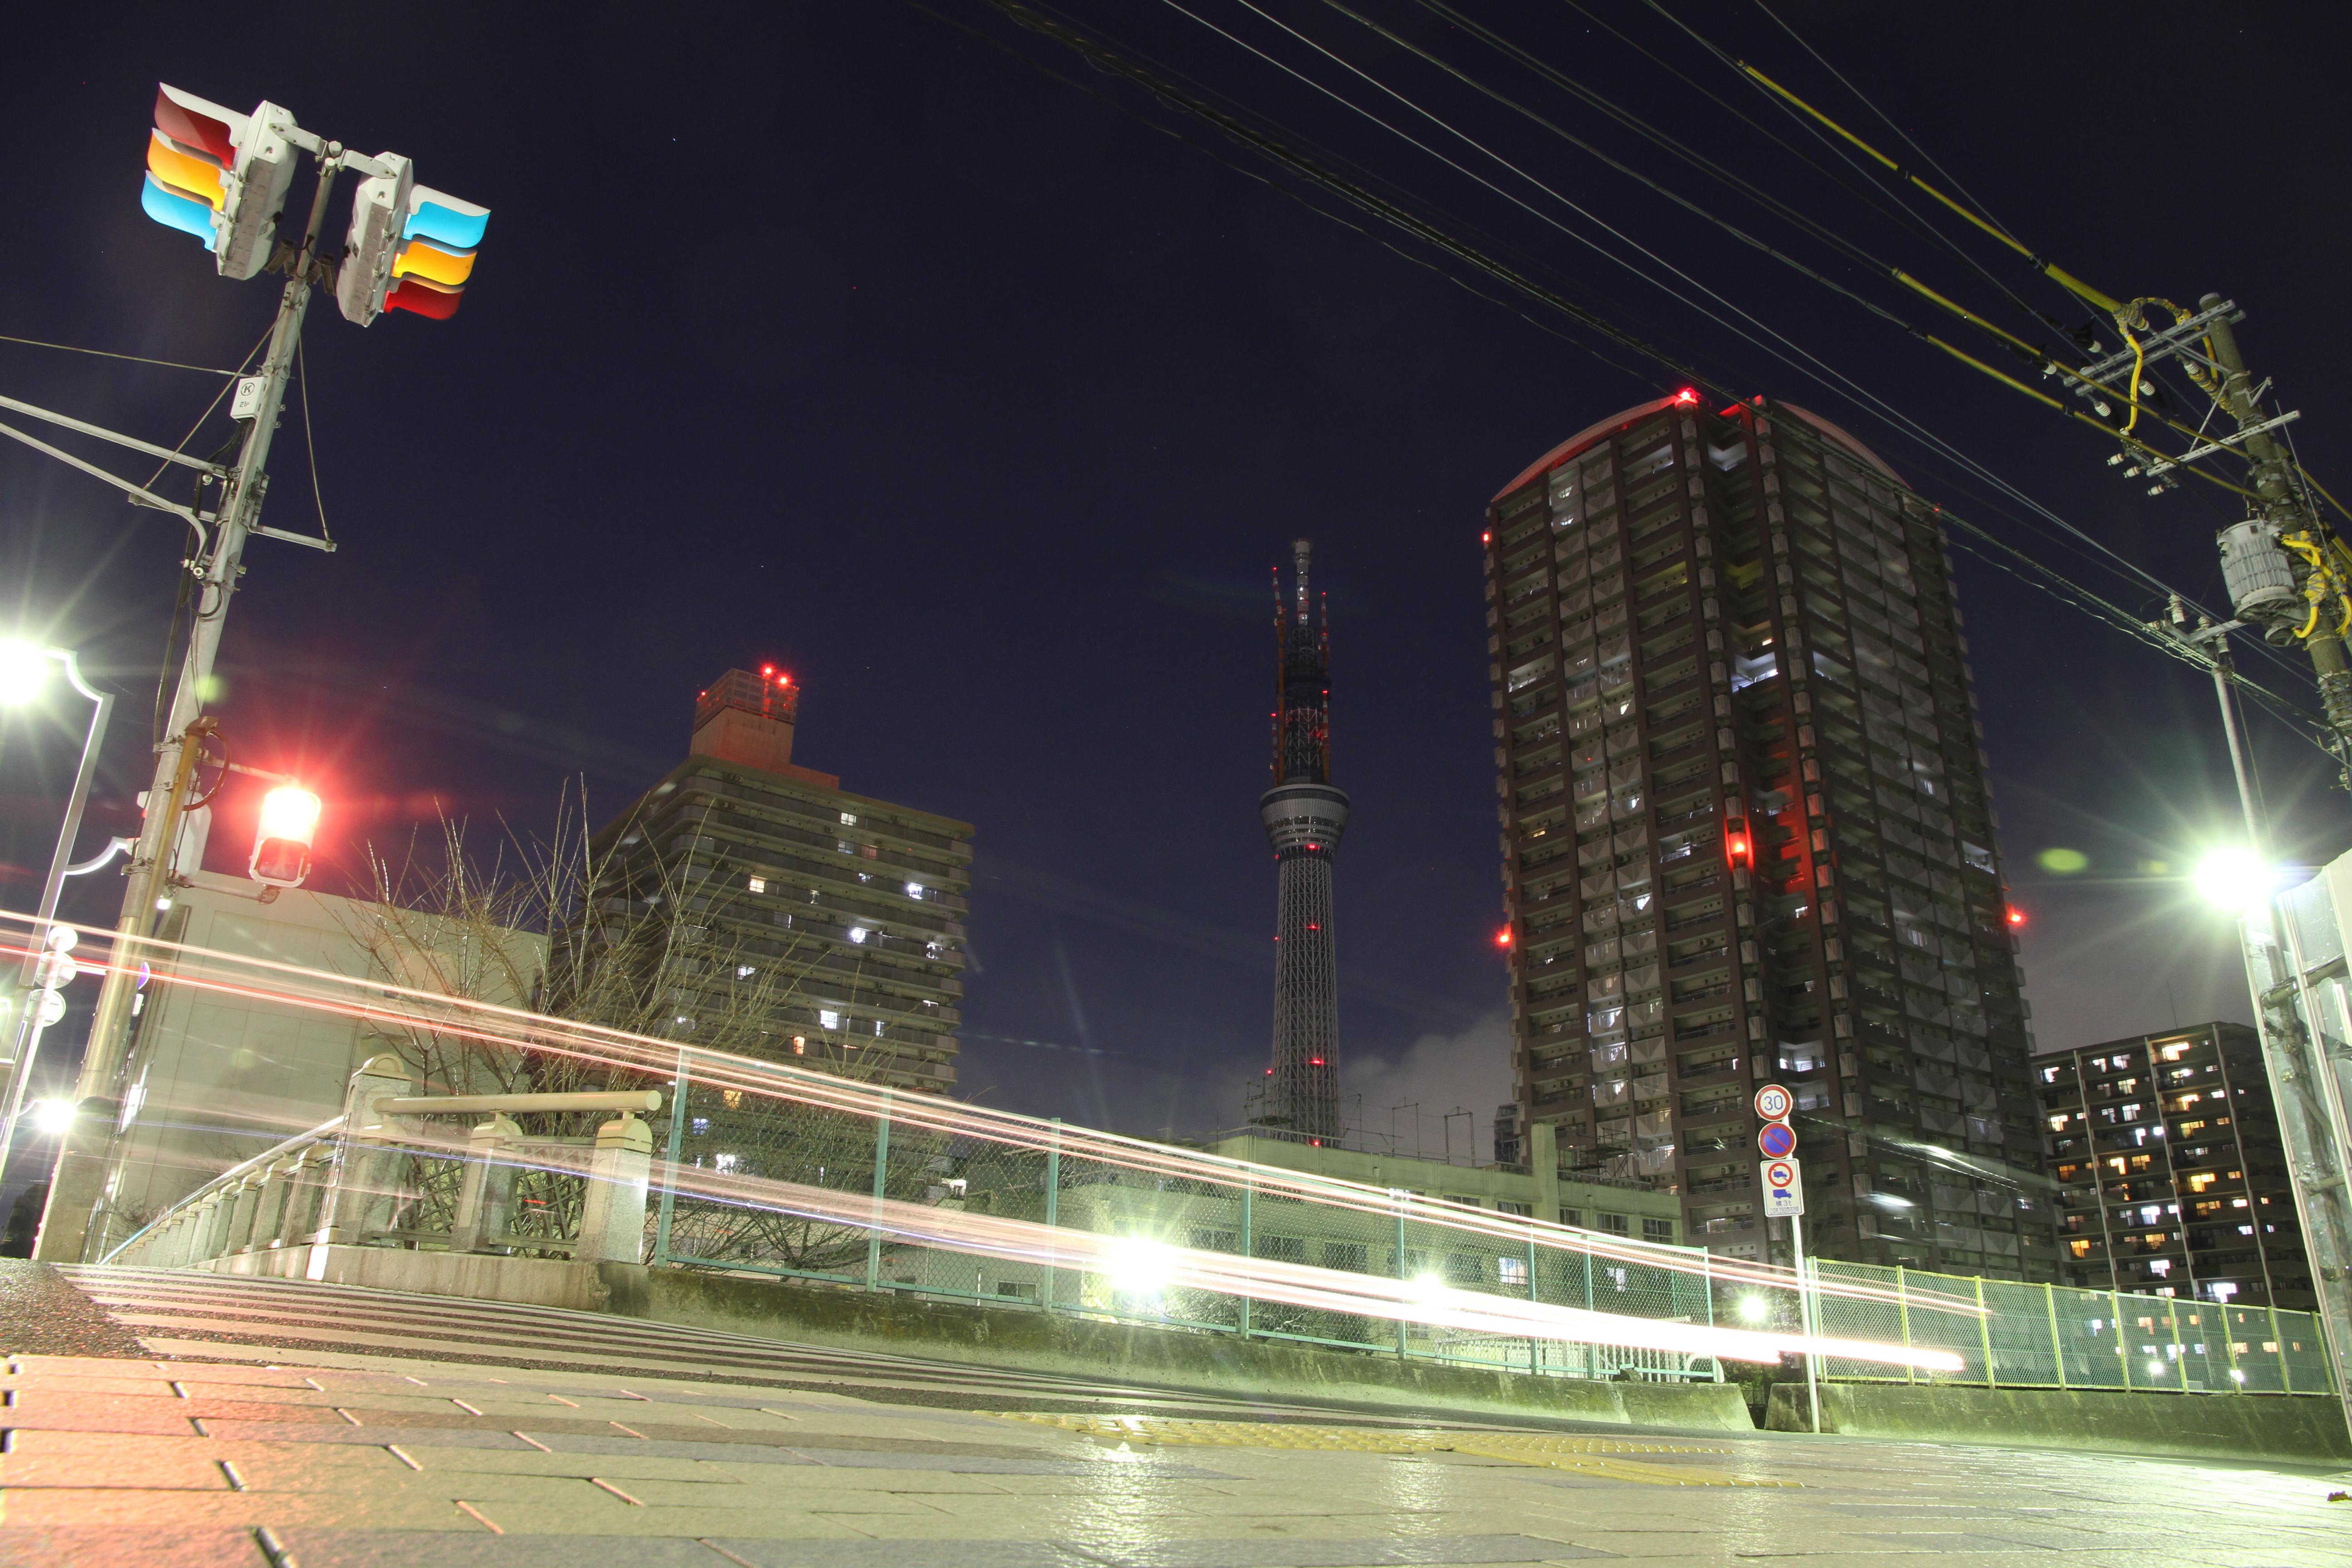 <b>この撮影場所は昼間、工事用車両が出入りしているので夜訪れた。この付近で東京スカイツリーが広く入る位置は少なく、また撮影できるスペースも限られてくる。何度か撮影して10秒間の露光中に信号が3つとも点灯している写真を選んだ。EOS 7D / EF-S 15-85mm F3.5-5.6 IS USM / 5,184×3,456 / 10秒 / F10 / -1EV / ISO400 / 絞り優先 / WB:オート / 15mm / 19:02</b>